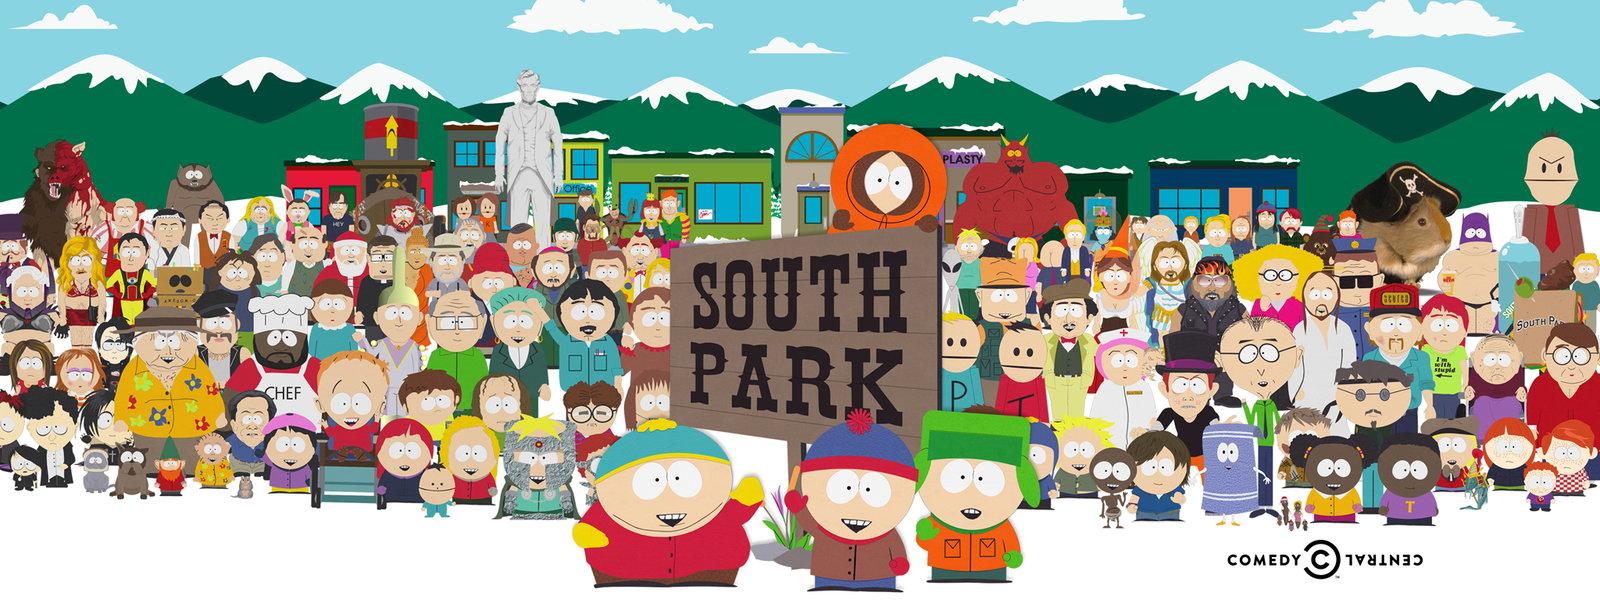 South Park S19 720p 1080p WEB-DL | S19E01-E08 5LOpJi